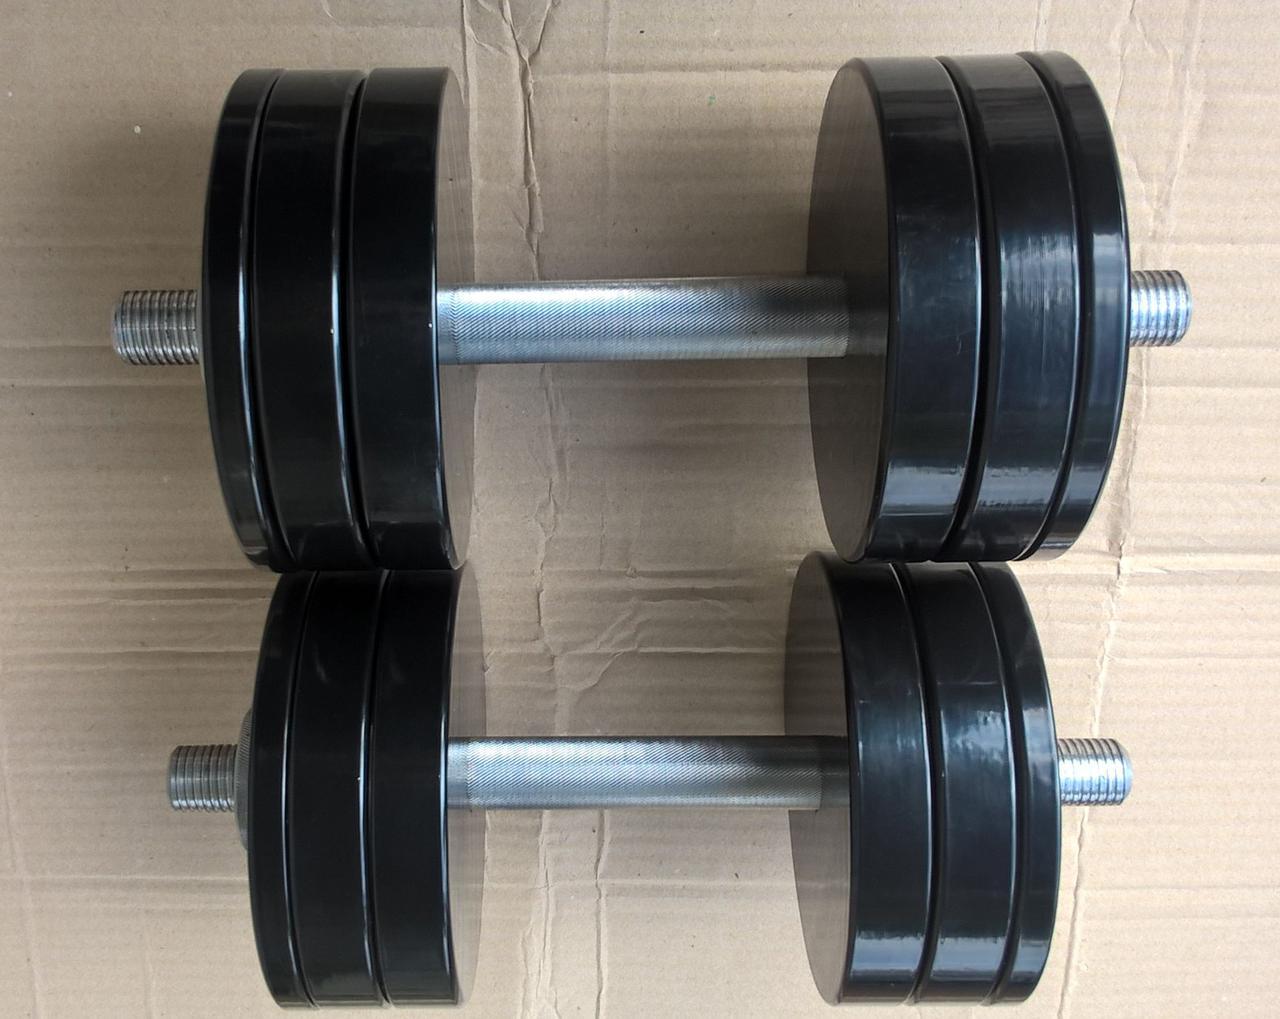 Гантели наборные металлические с покрытием 2*22 кг (Общий вес 44 кг) разборные